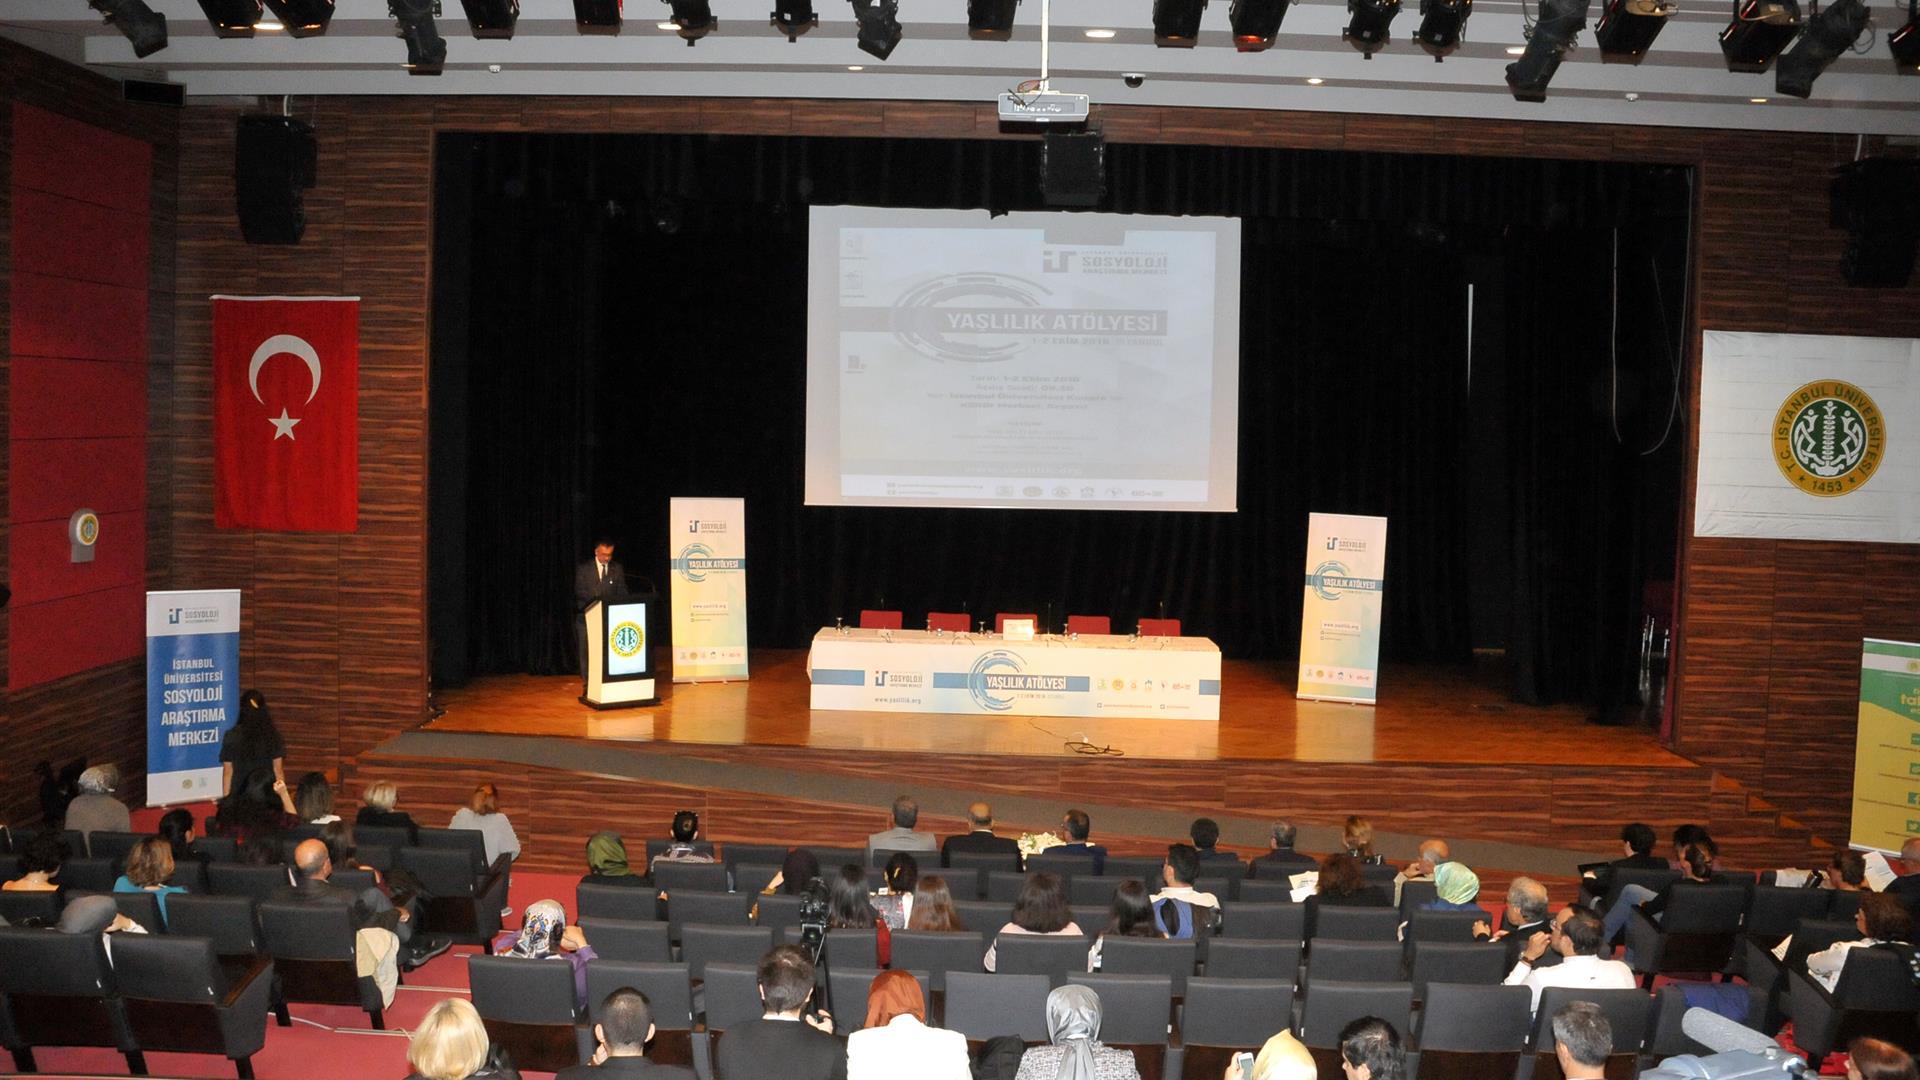 İstanbul-Üniversitesi'nde-Yaşlılık-Atölyesi-Gerçekleştirildi